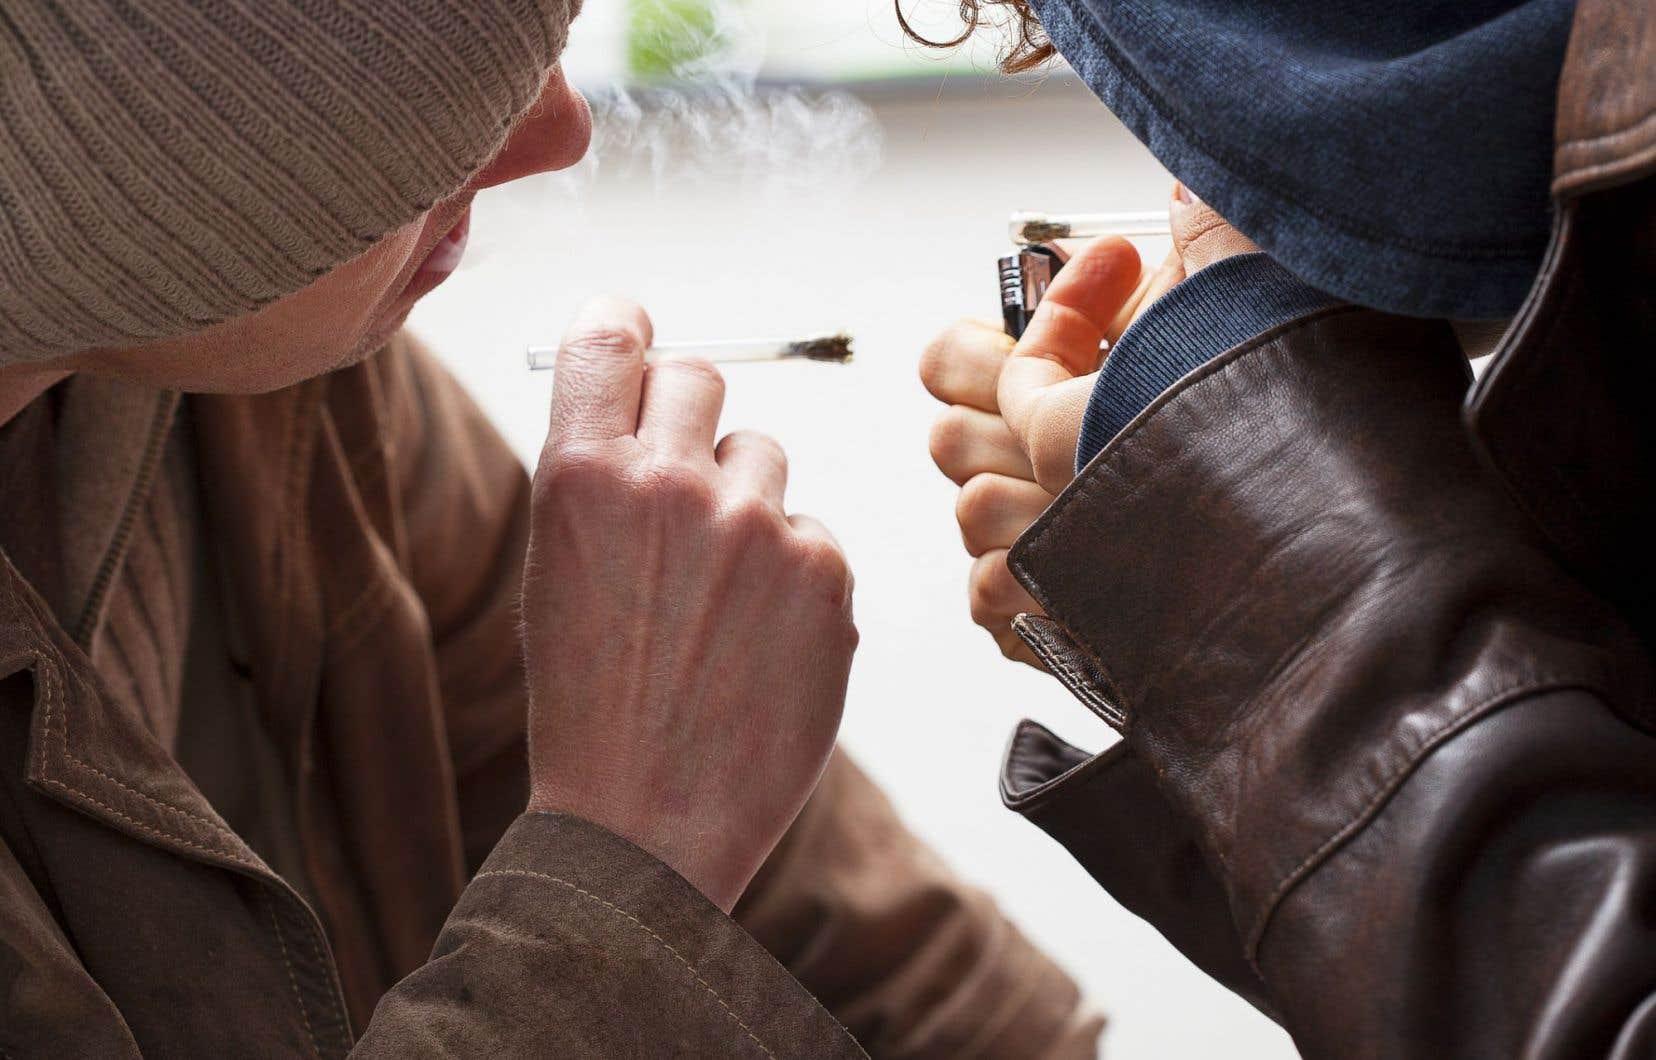 La légalisation du cannabis ouvre la porte à plusieurs problèmes, croit l'auteur.